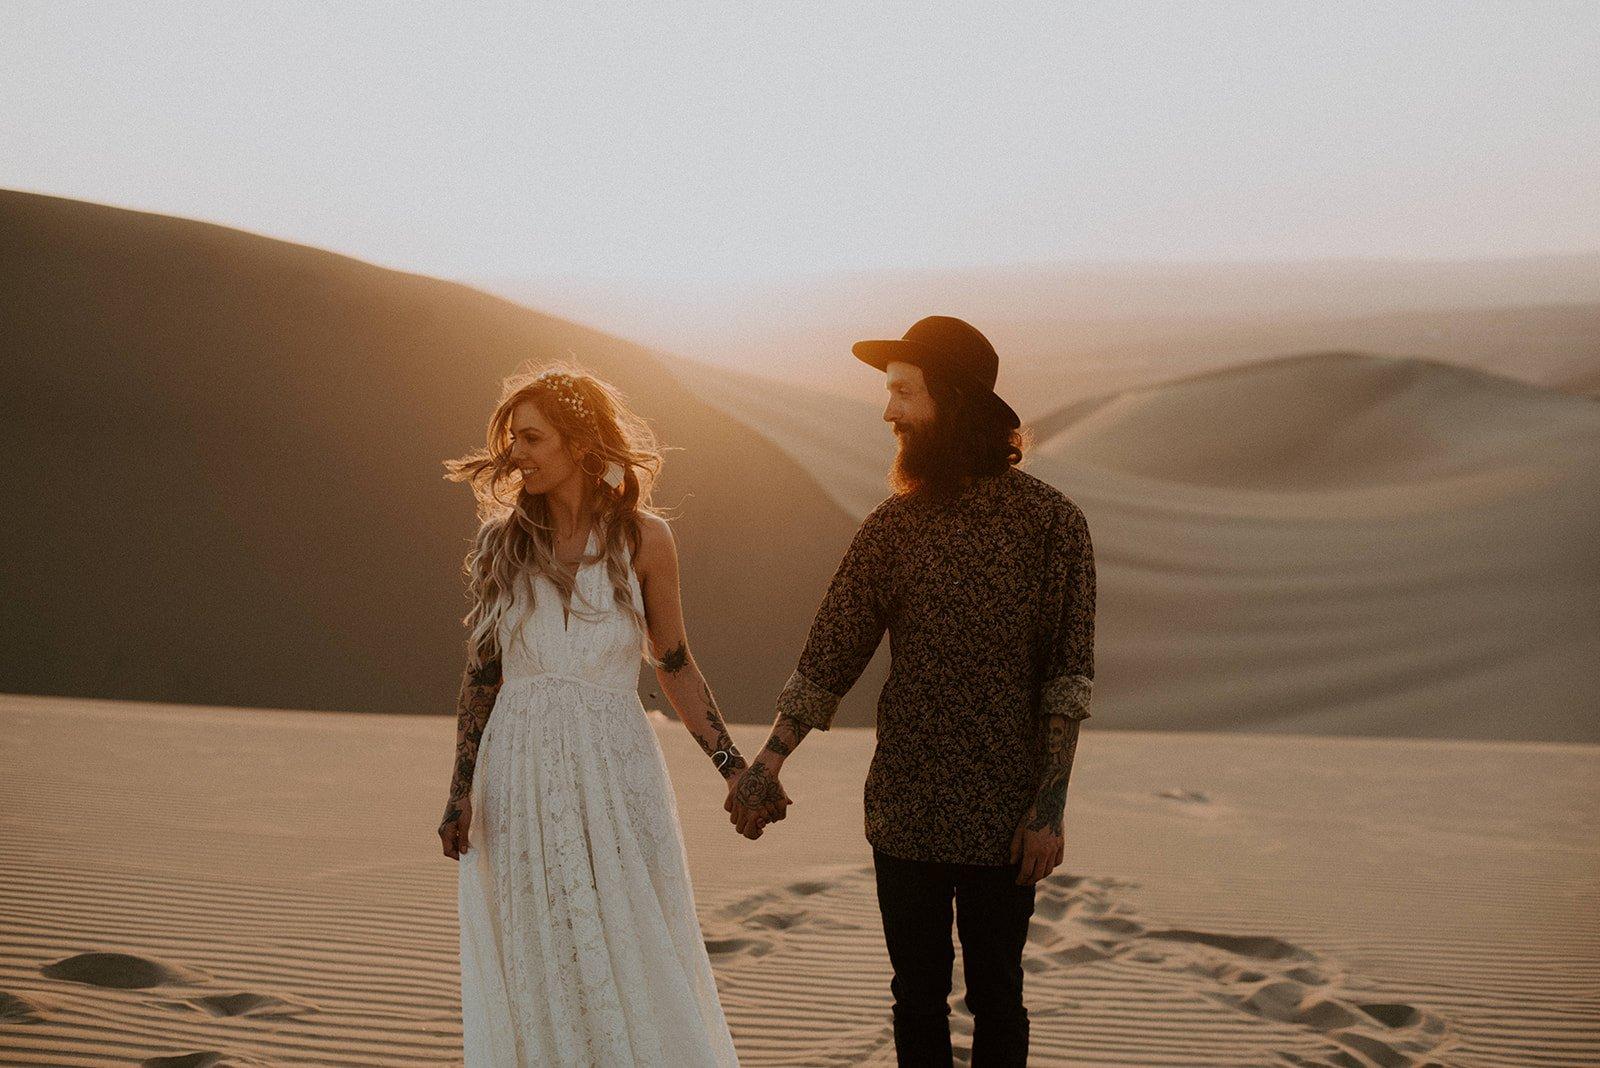 sol pareja desierto peru fotos